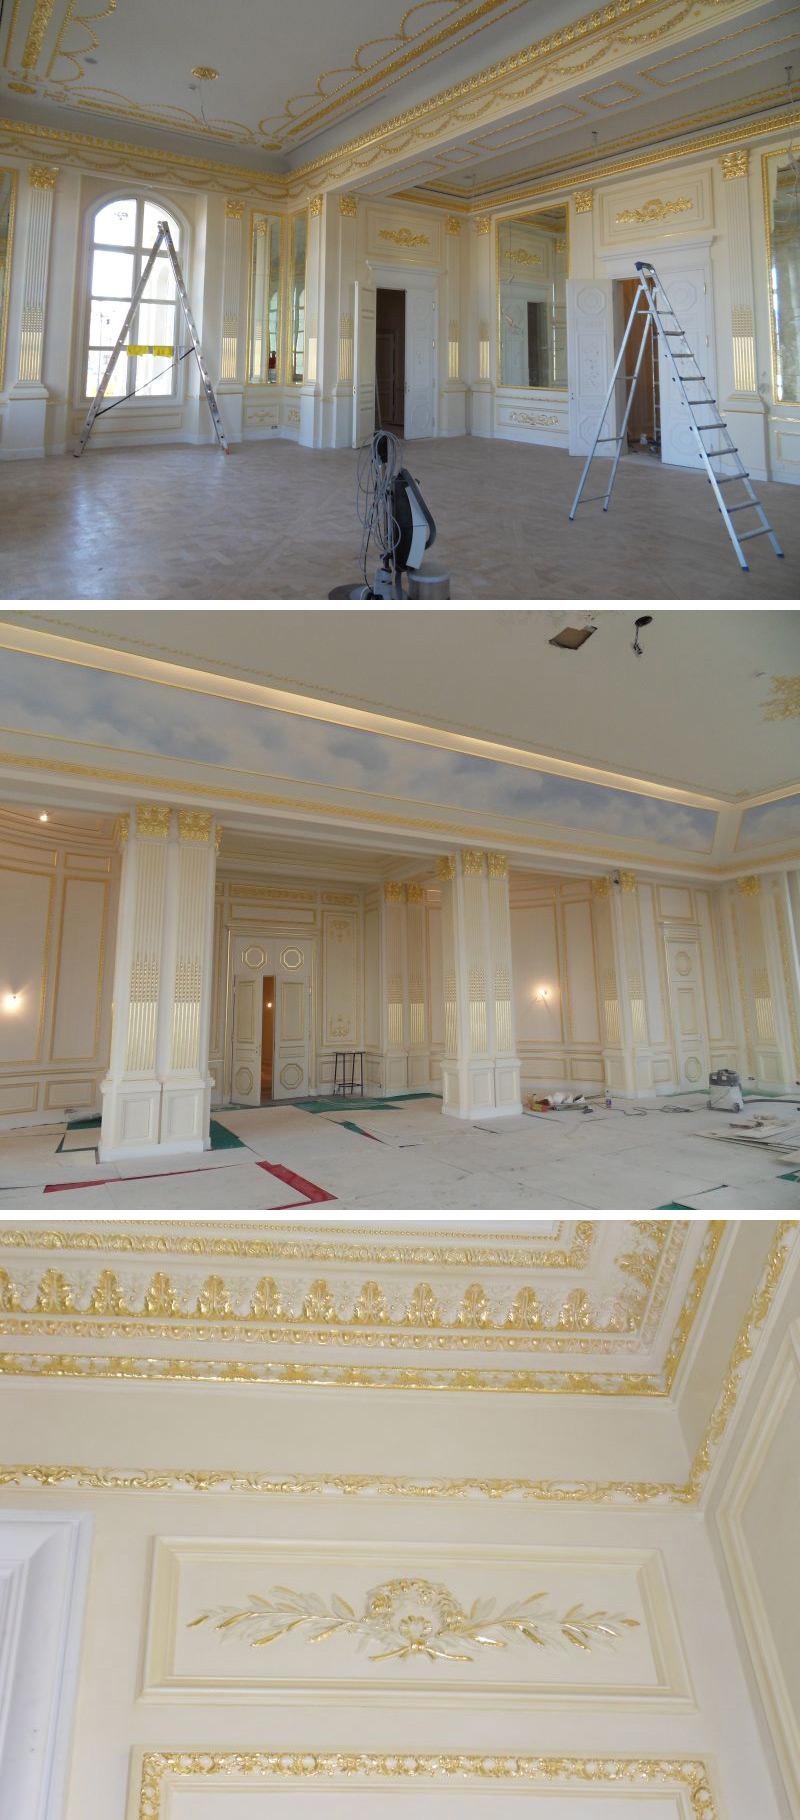 Restauration ganzer Räume und aller Einrichtungsgegenstände